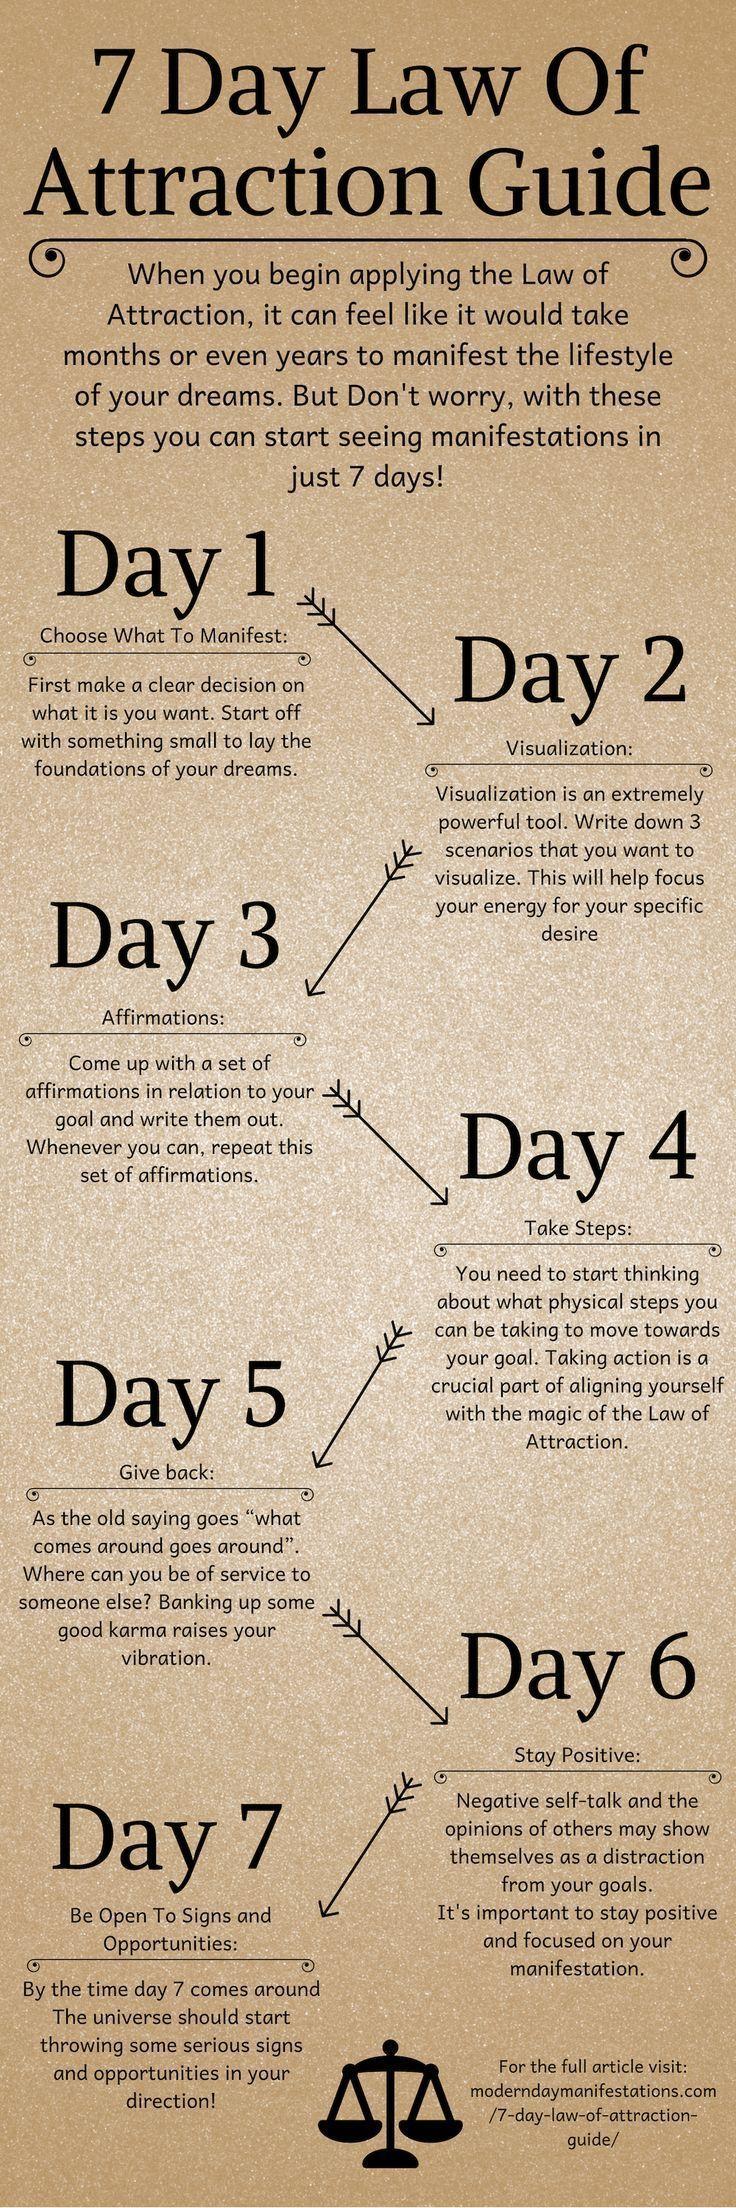 Gesetzlicher Anziehungspunkt fr 7 Tage – #affirmations #Anziehungspunkt #fr #Ges…